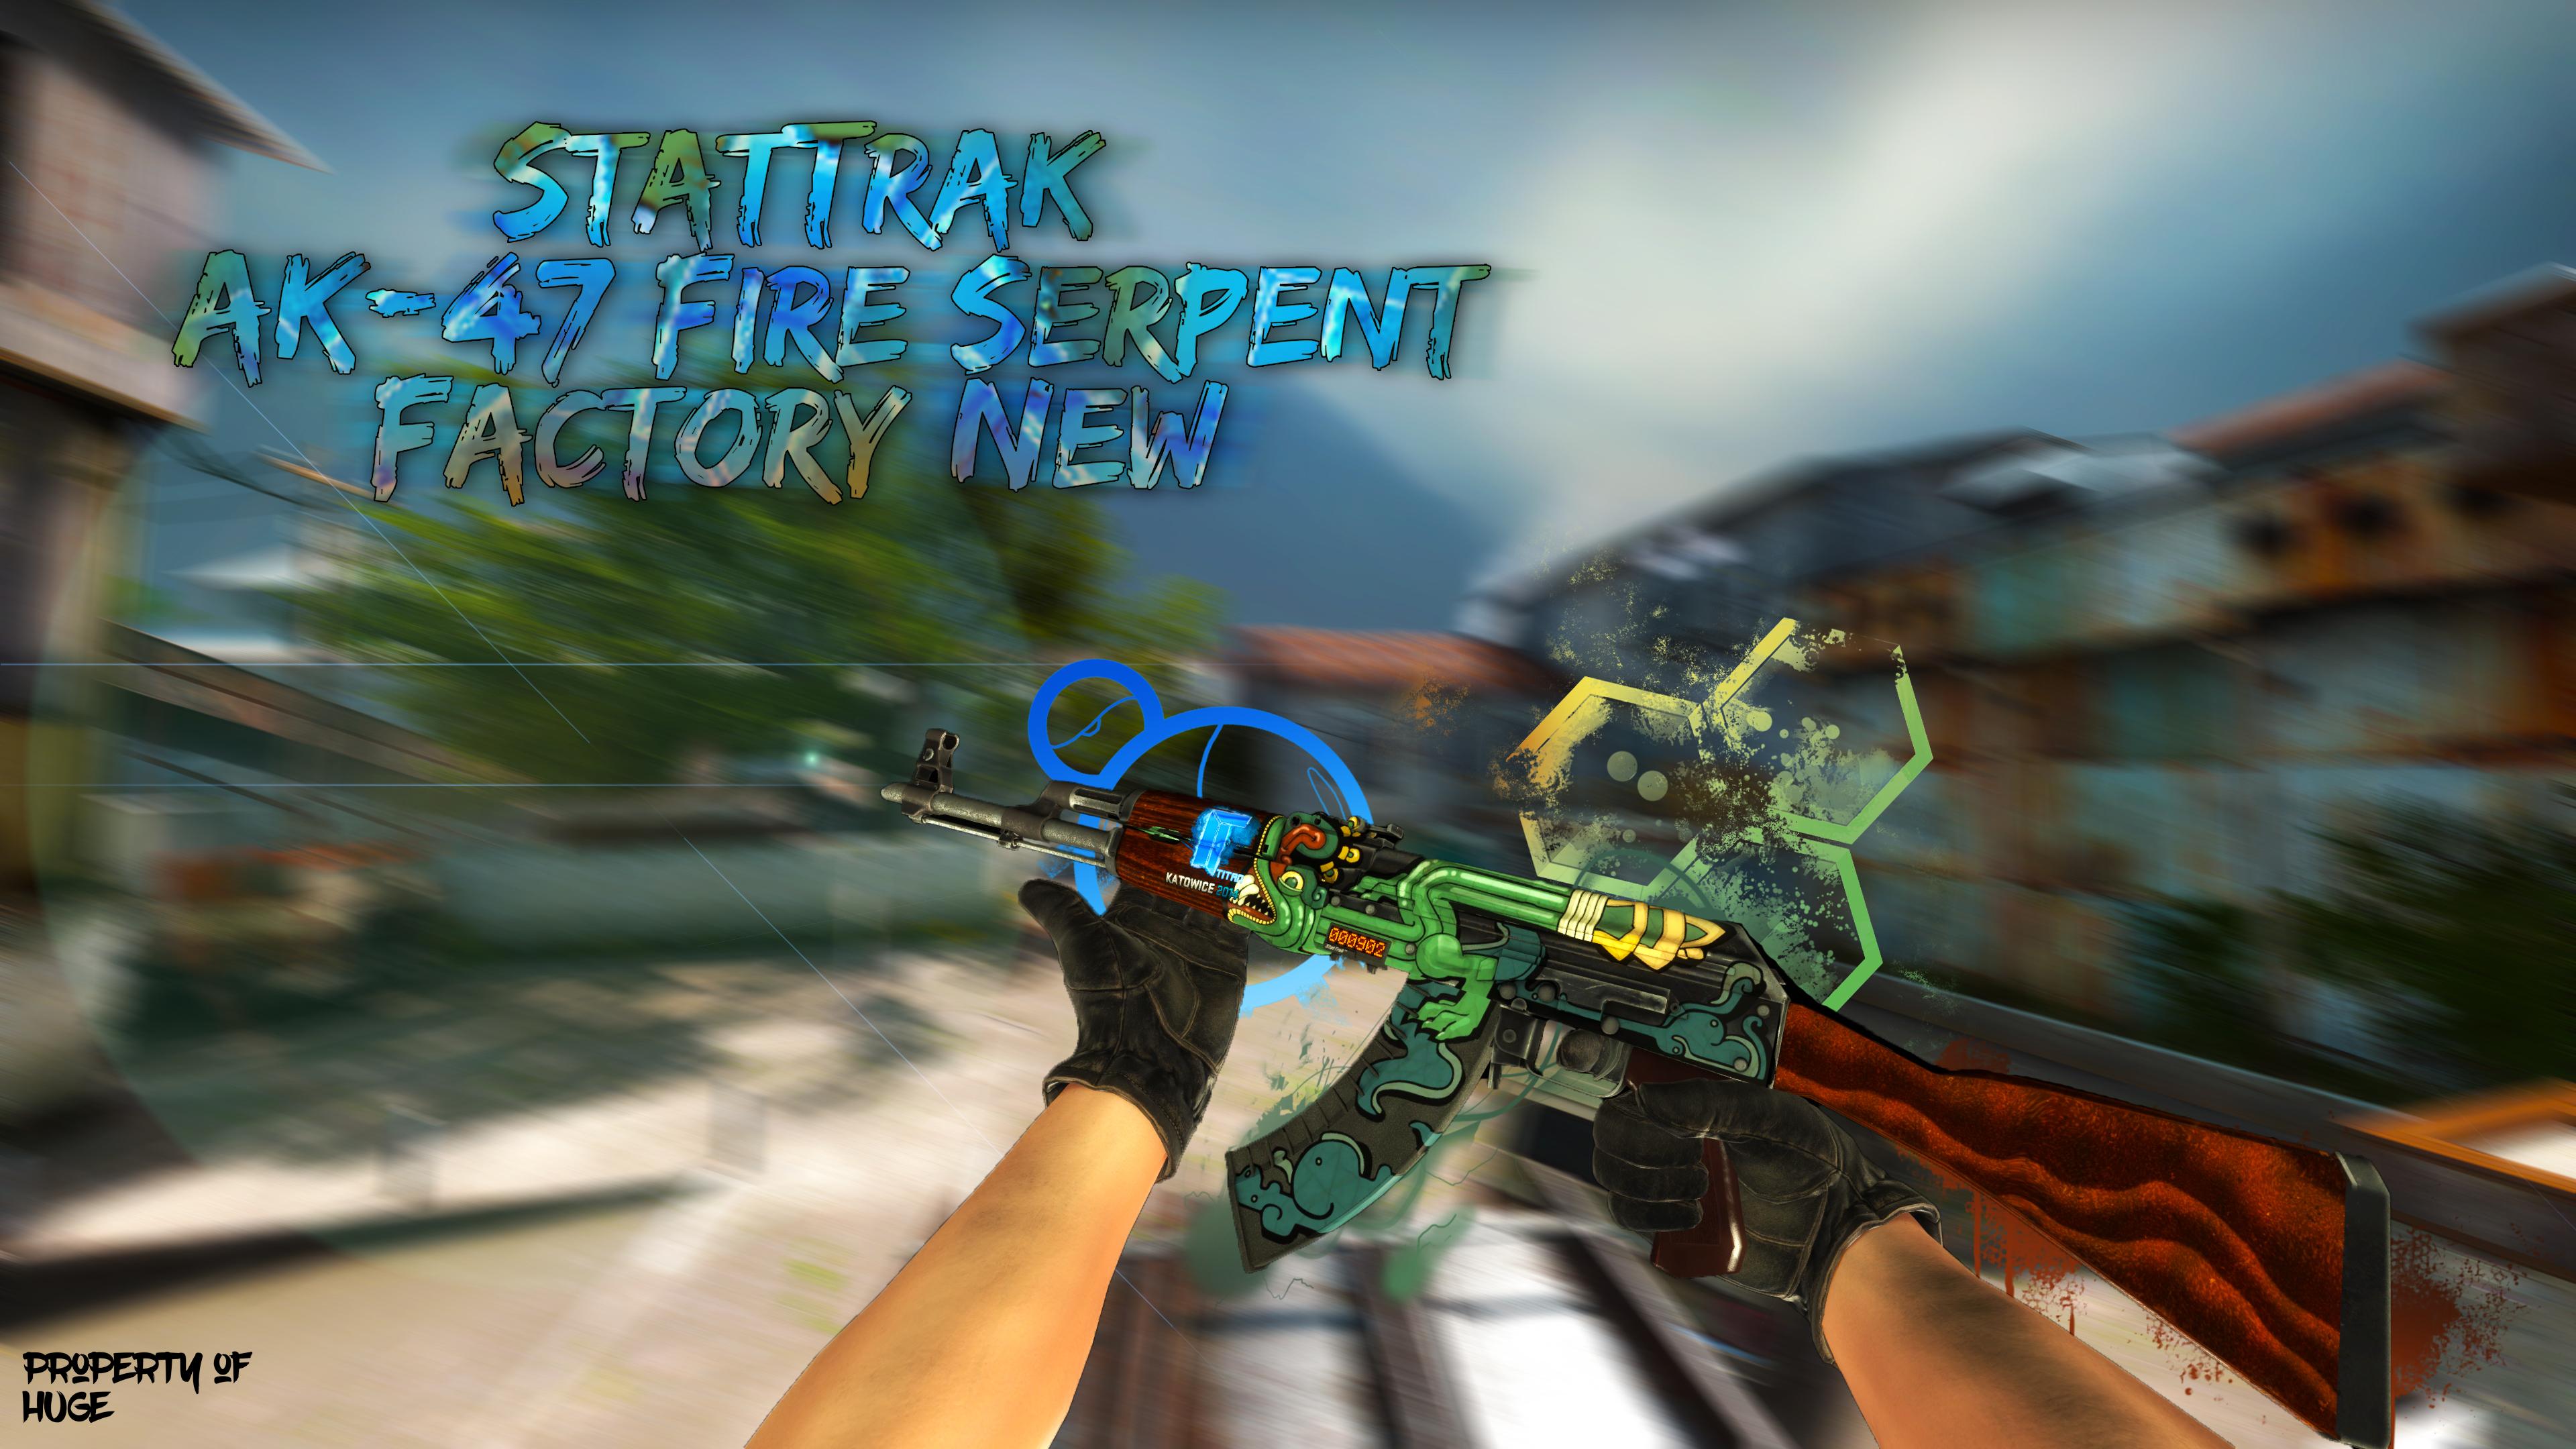 steam community screenshot stattrak ak 47 fire serpent